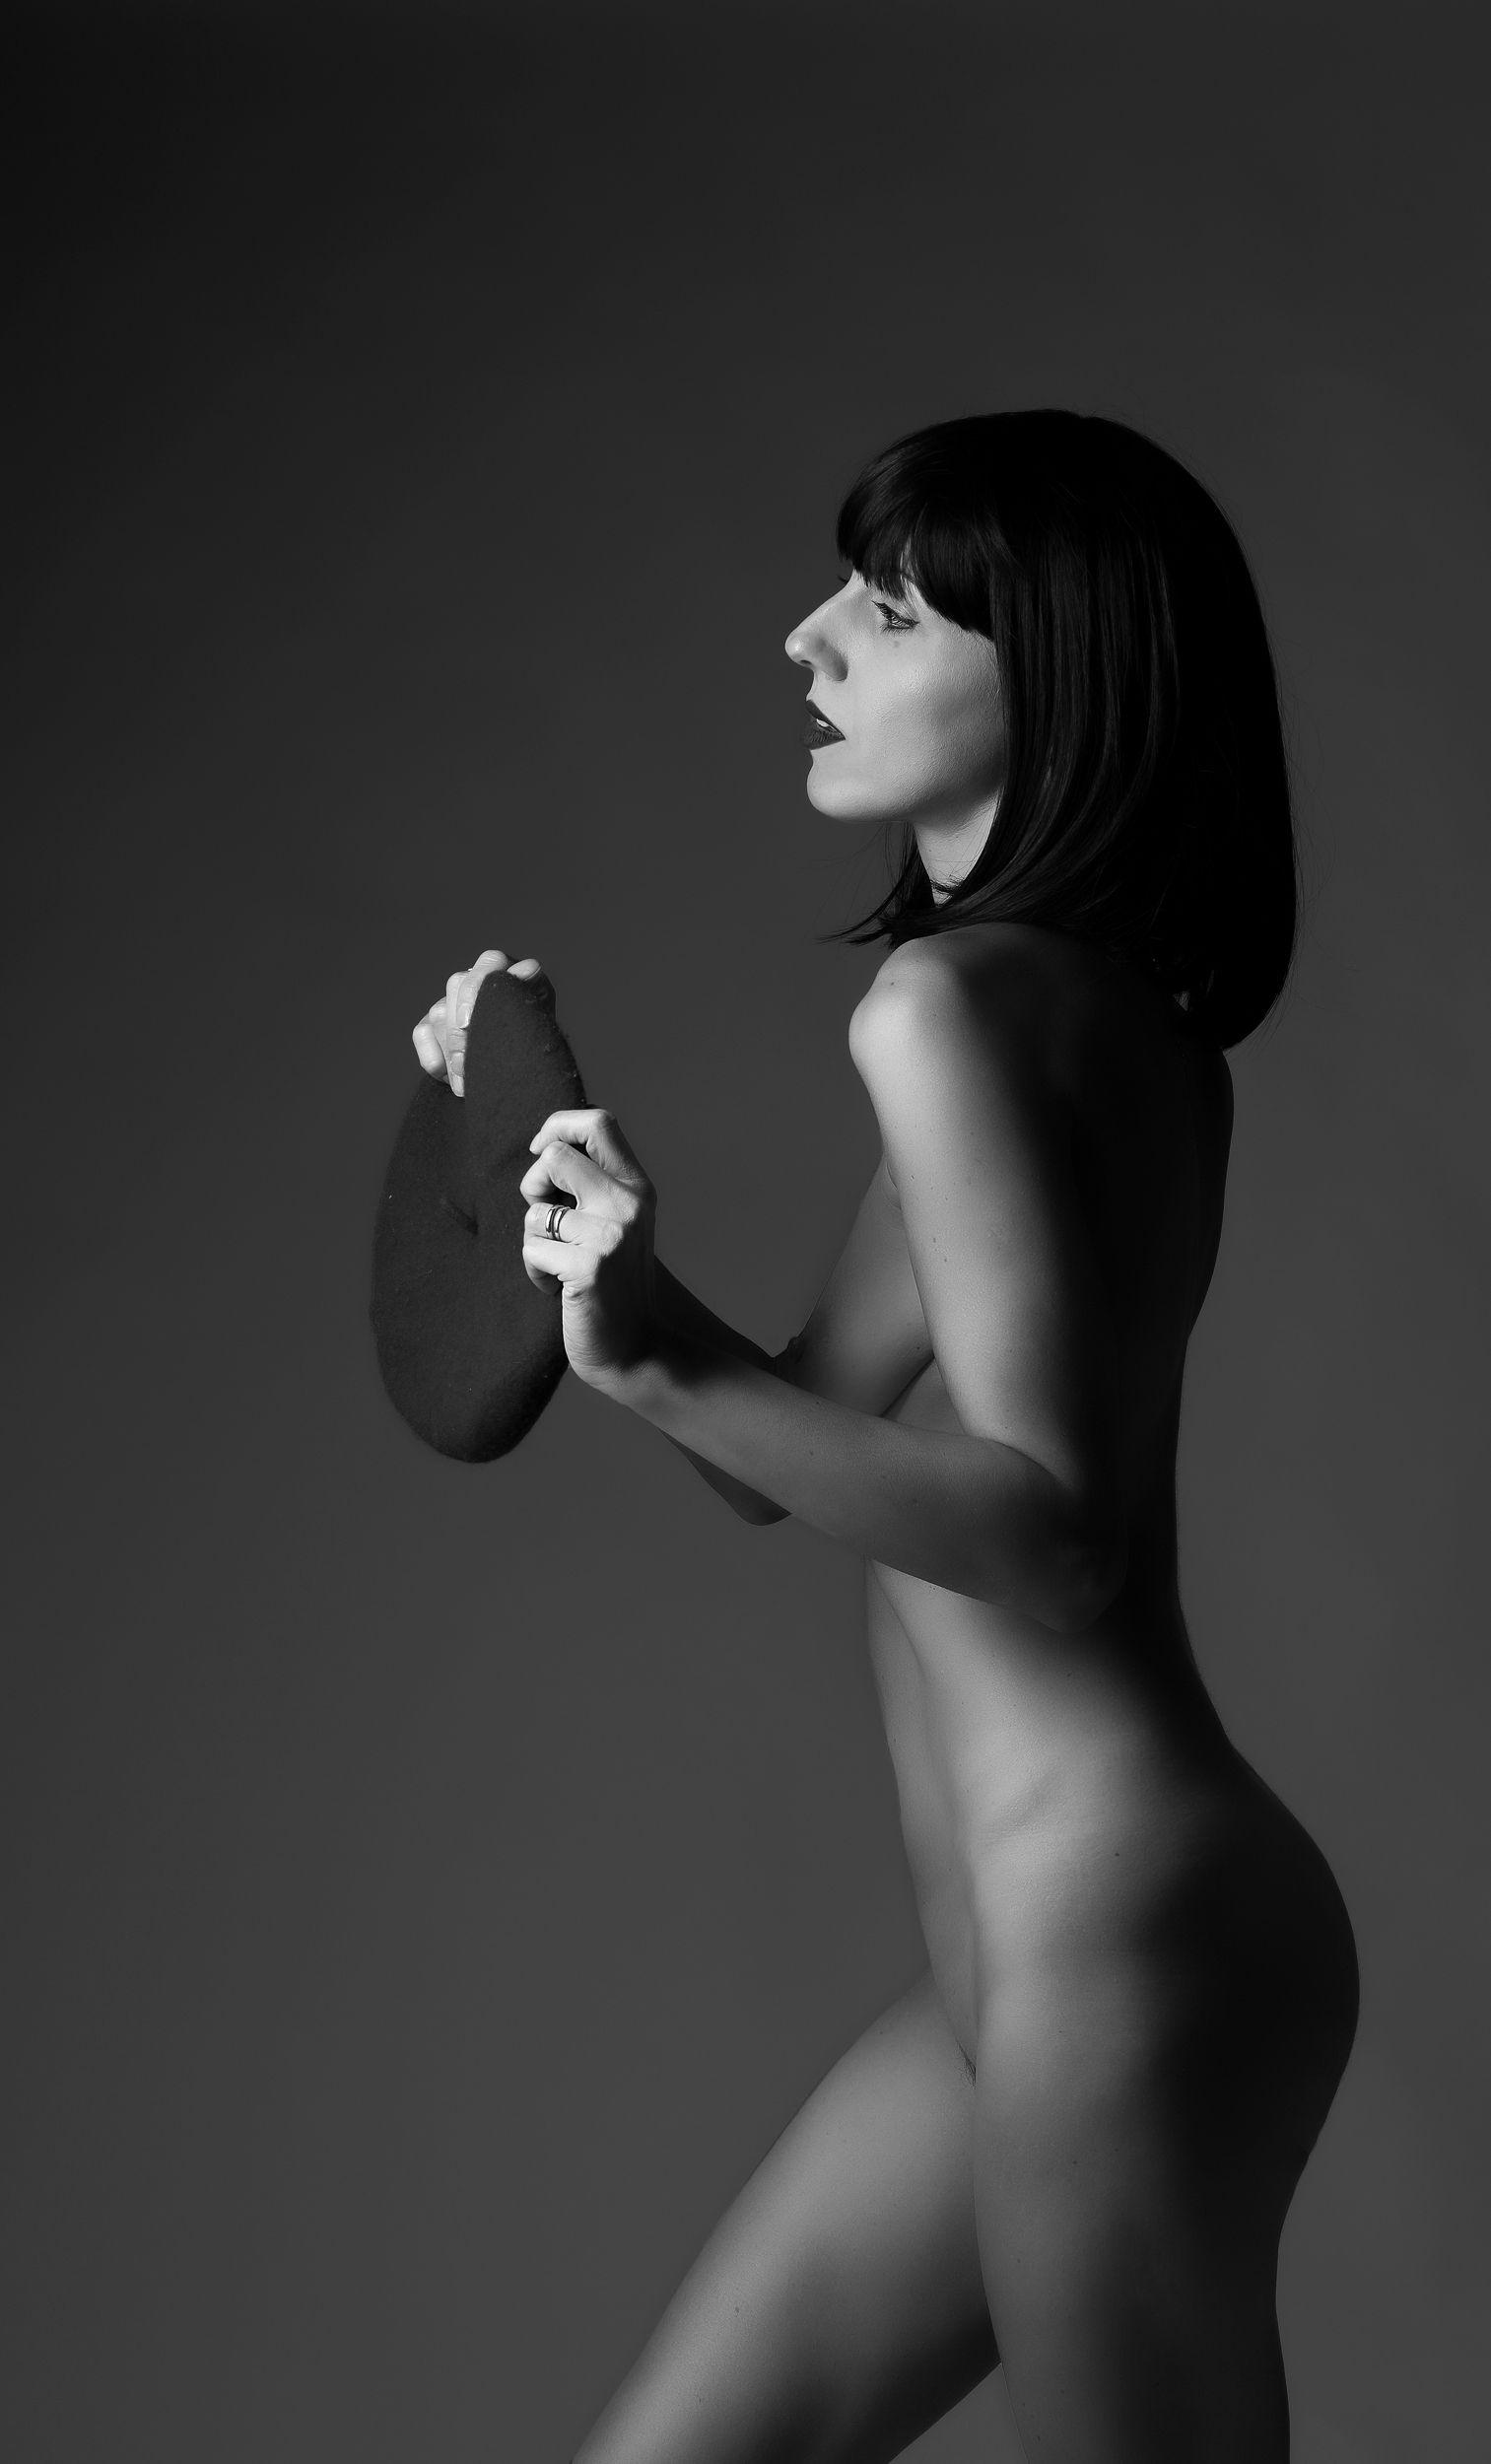 ritratto, bianco e nero, female, nudo,, espressive photography